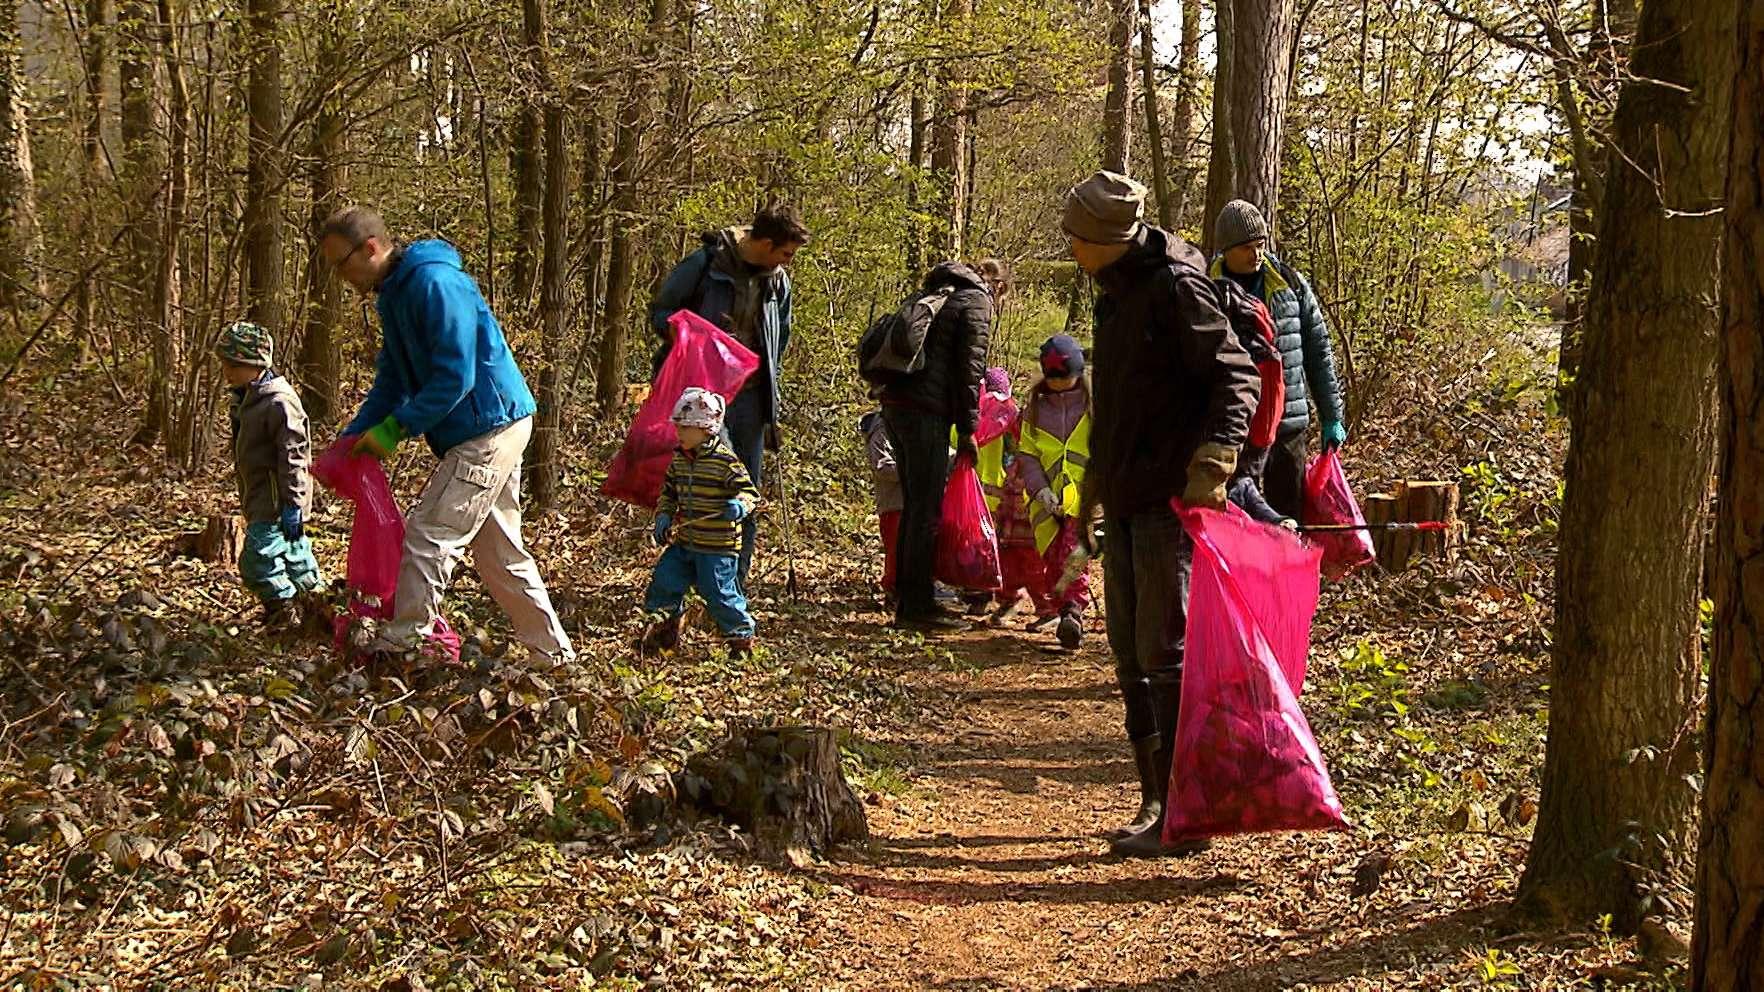 Freiwillige beim Aufräumen im Wald